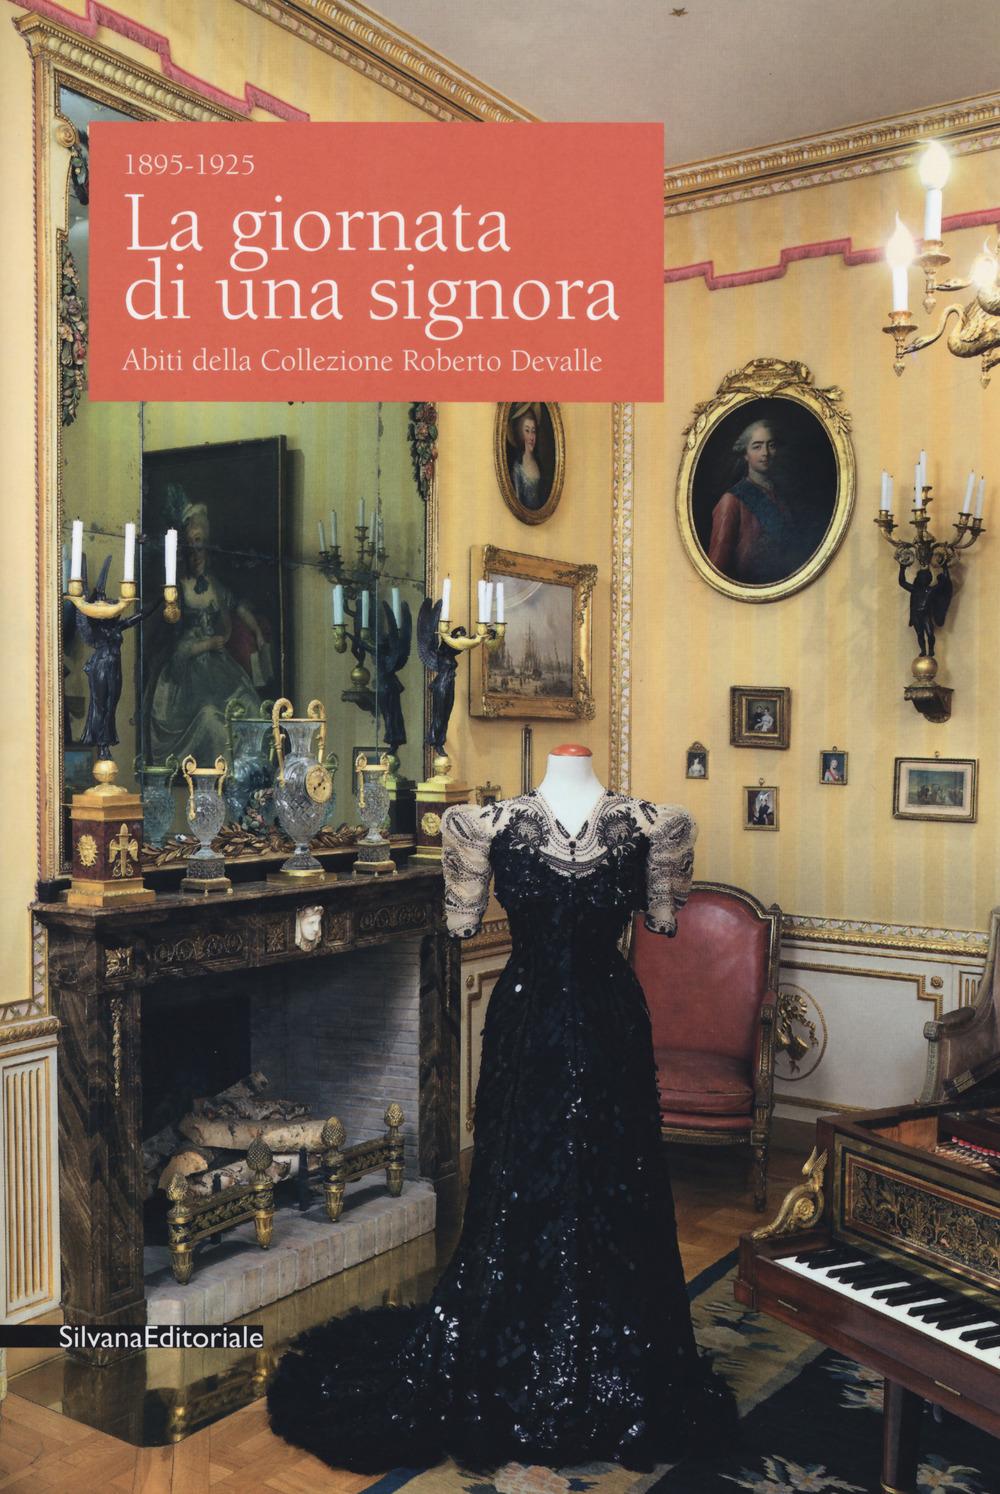 La giornata di una signora • 1895-1925 Abiti della Collezione Roberto Devalle